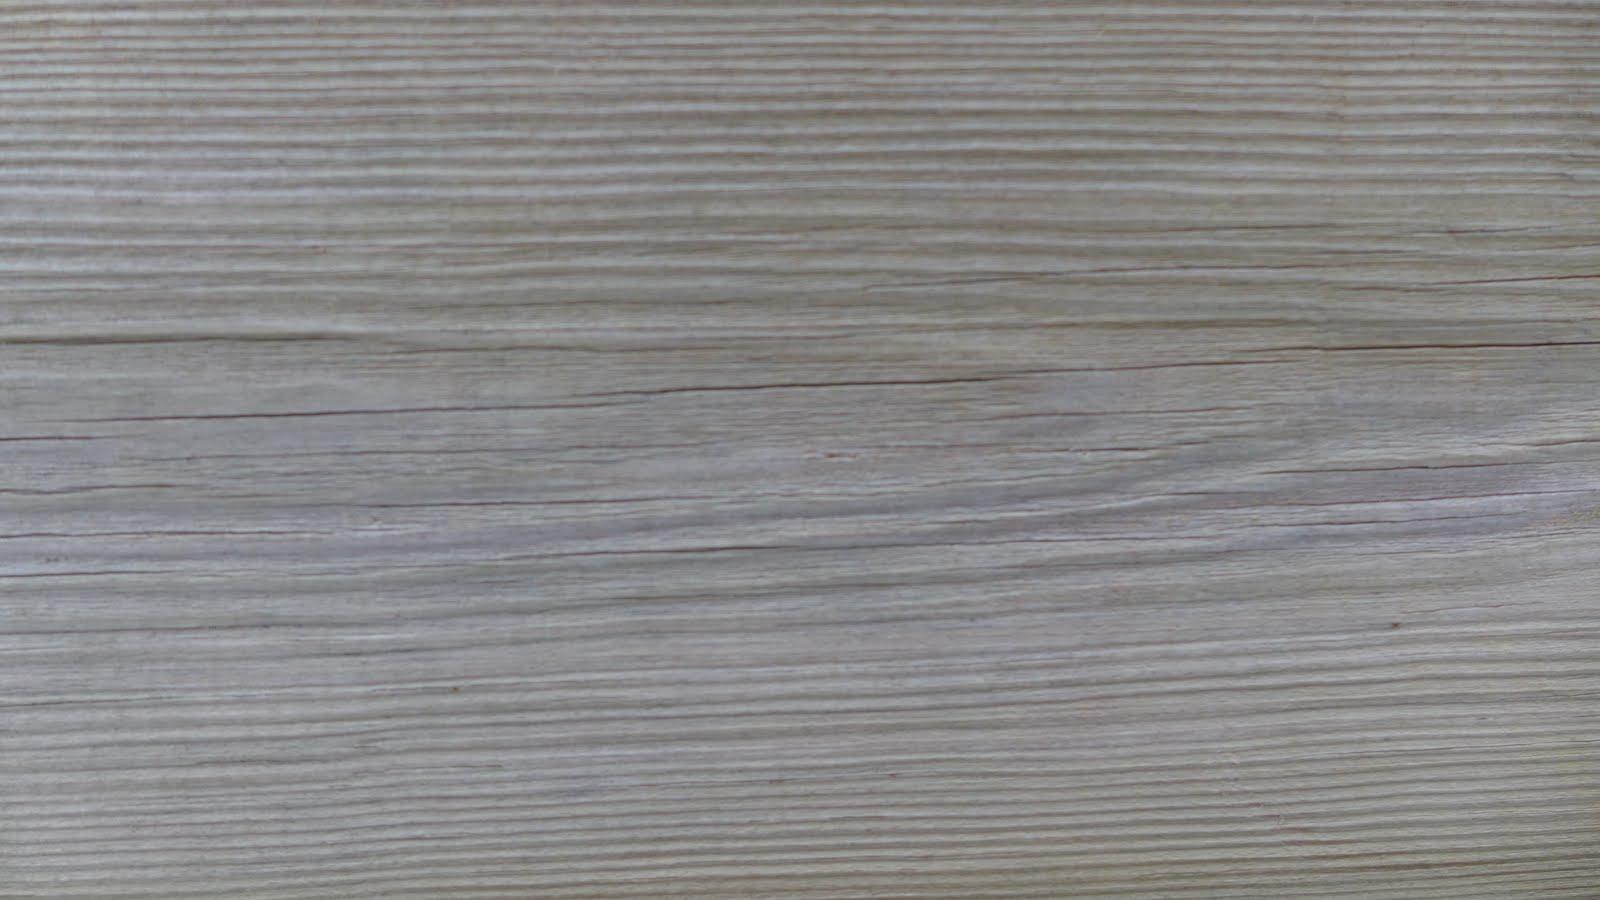 Textura de madera todas las texturas for Pisos de madera color gris